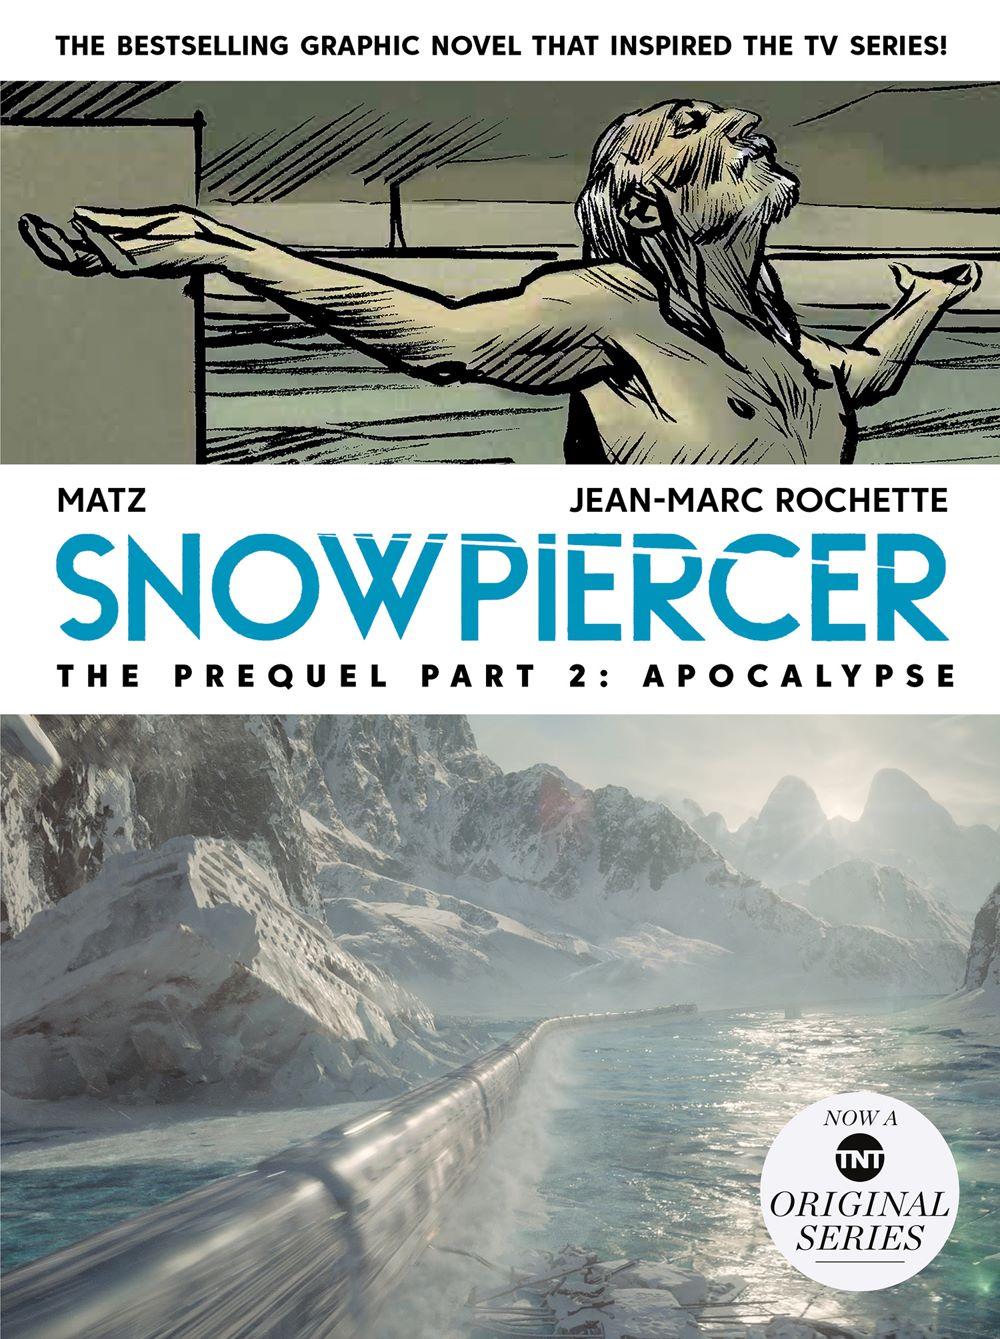 Snowpiercer-Apopcalyspe-cover ComicList: Titan Comics New Releases for 09/15/2021